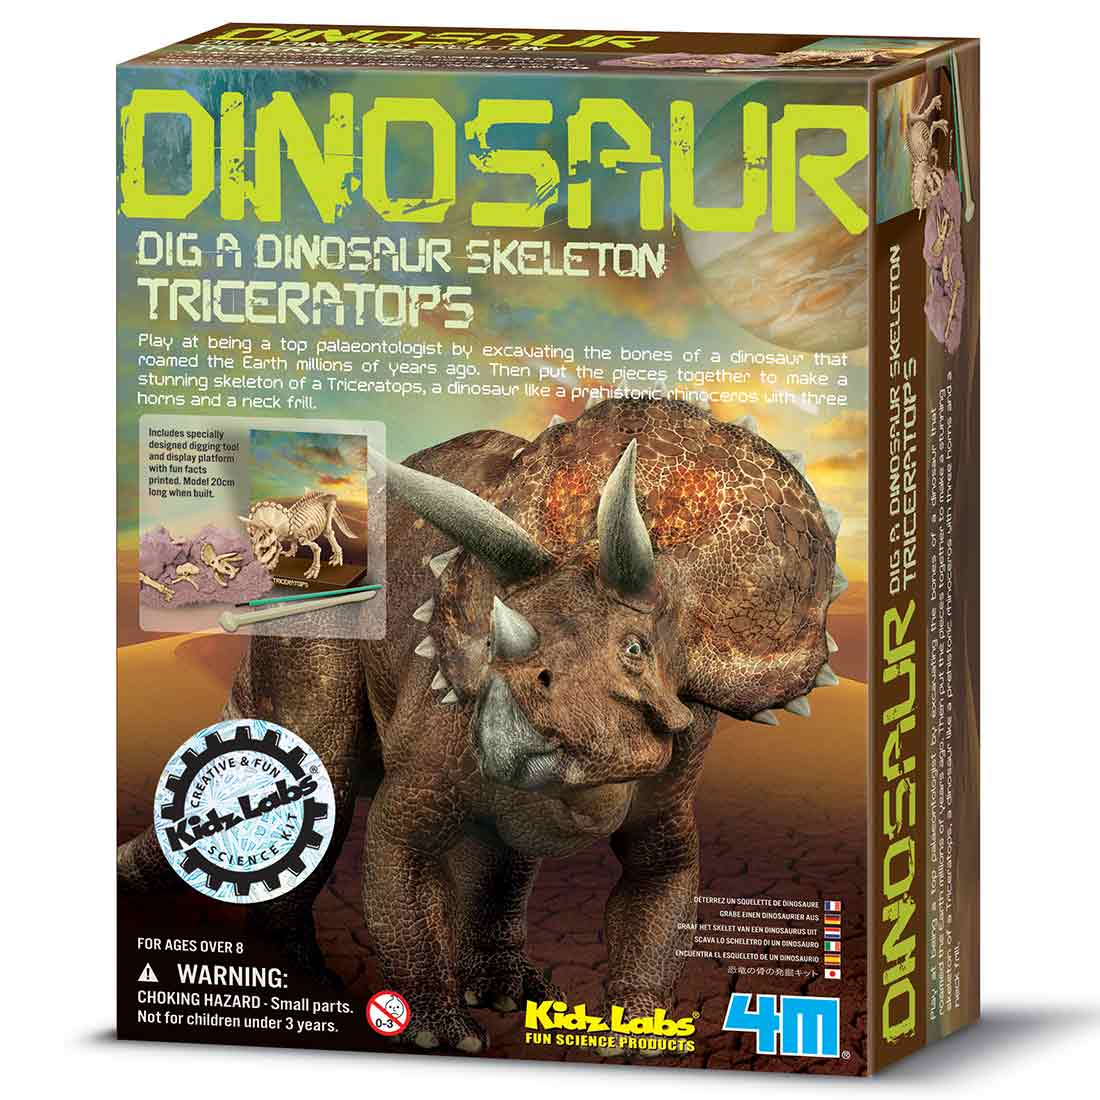 חפירת שלד דינוזאור Triceratops ערכת ארכאולוגיה לילדים